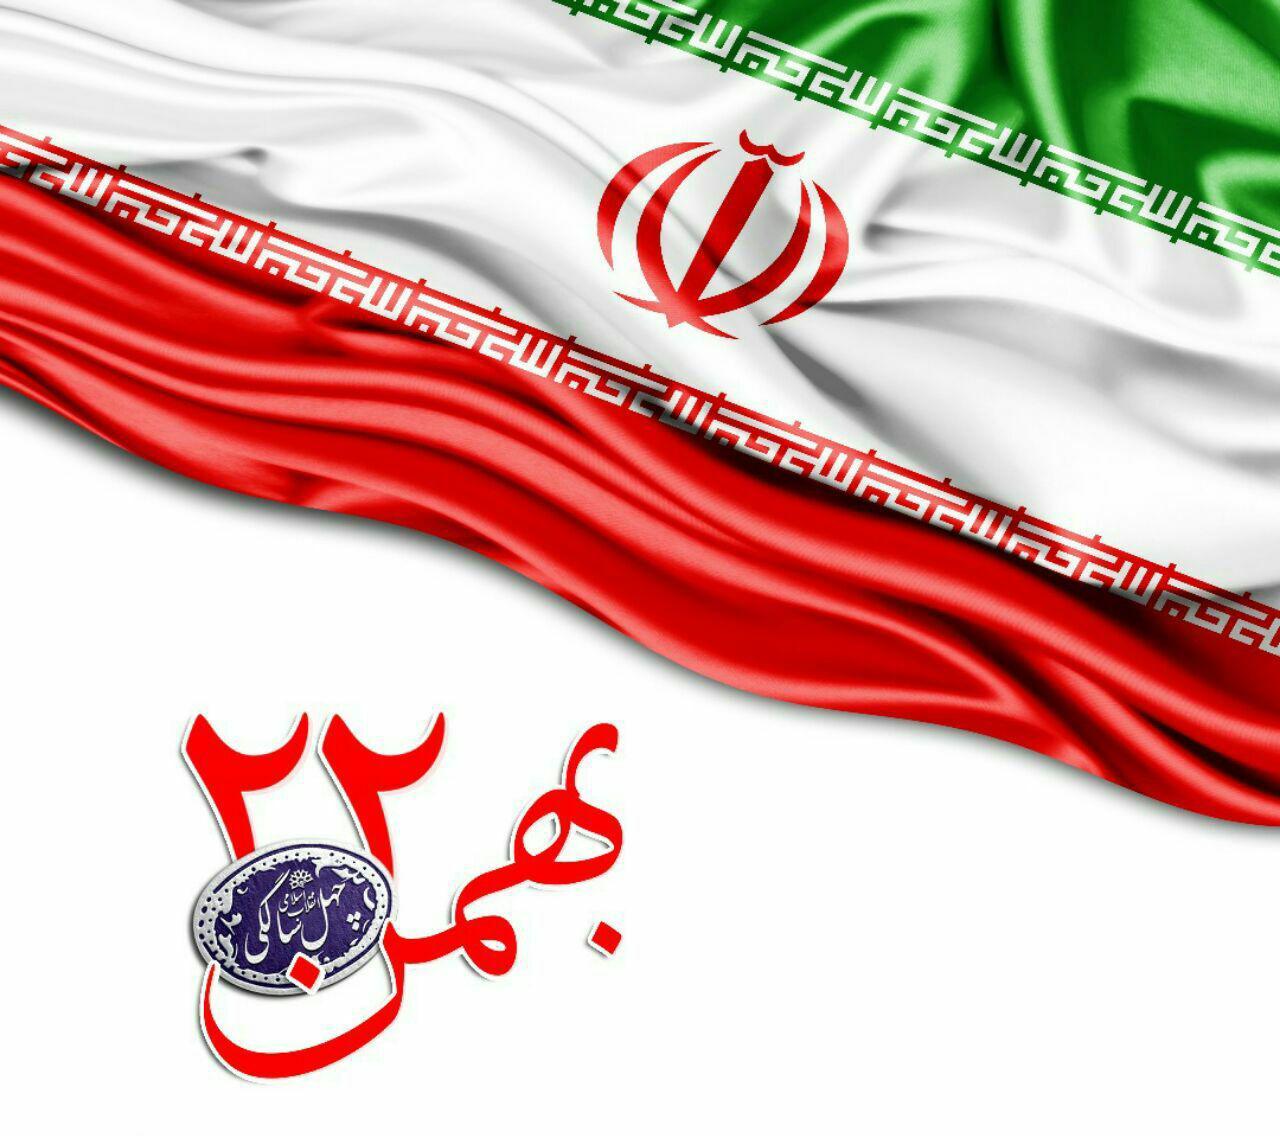 پس از گذشت ۴۰ سال دنیا از انقلاب اسلامی همچنان در تحیّر است